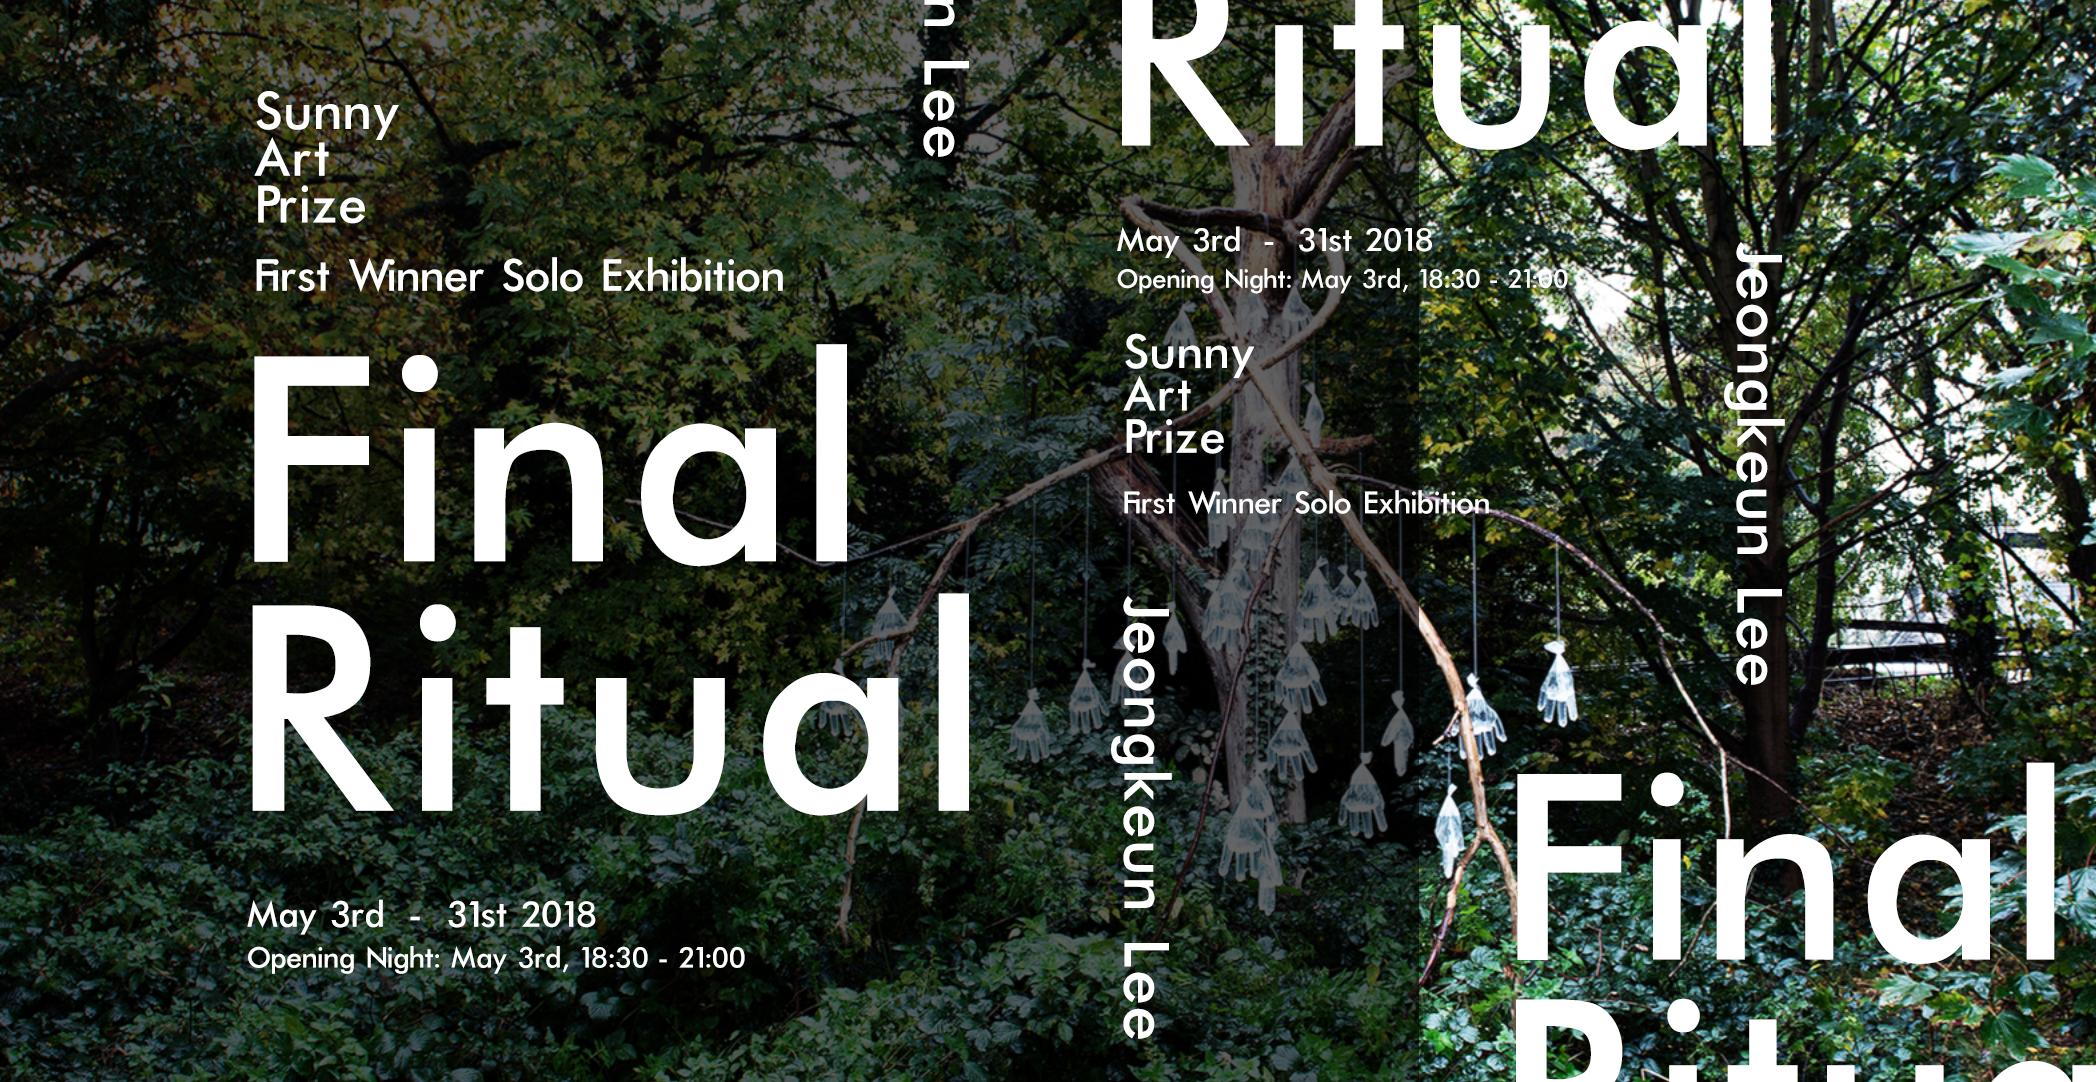 exhibition-banner-s-first-winner-sunny-art-competition-london-art-gallery-art-exhibition-artist-oppo